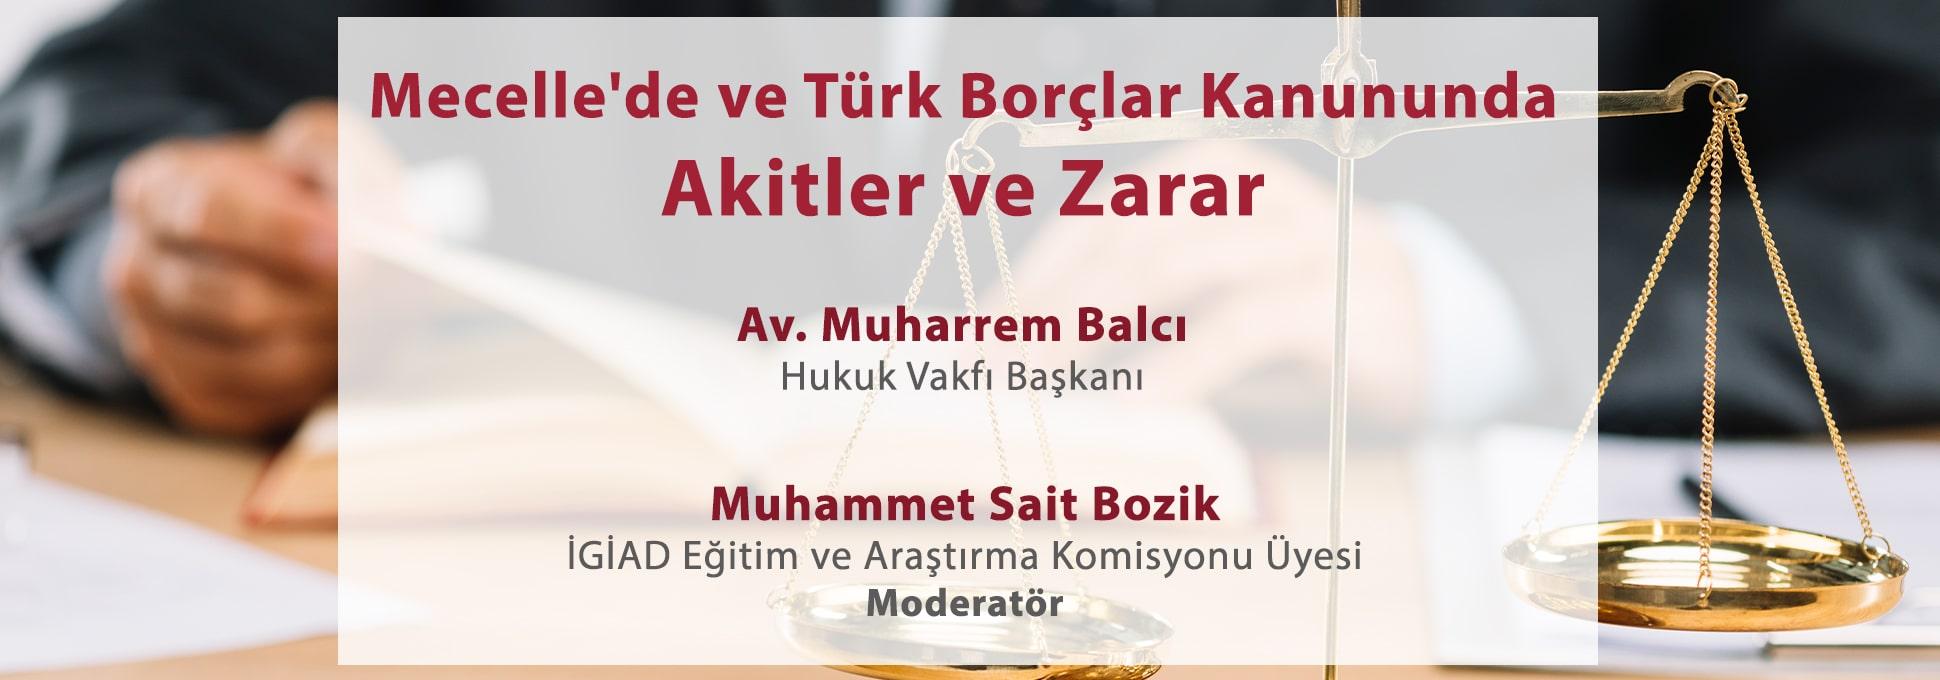 Mecelle'de ve Türk Borçlar Kanununda Akitler ve Zarar